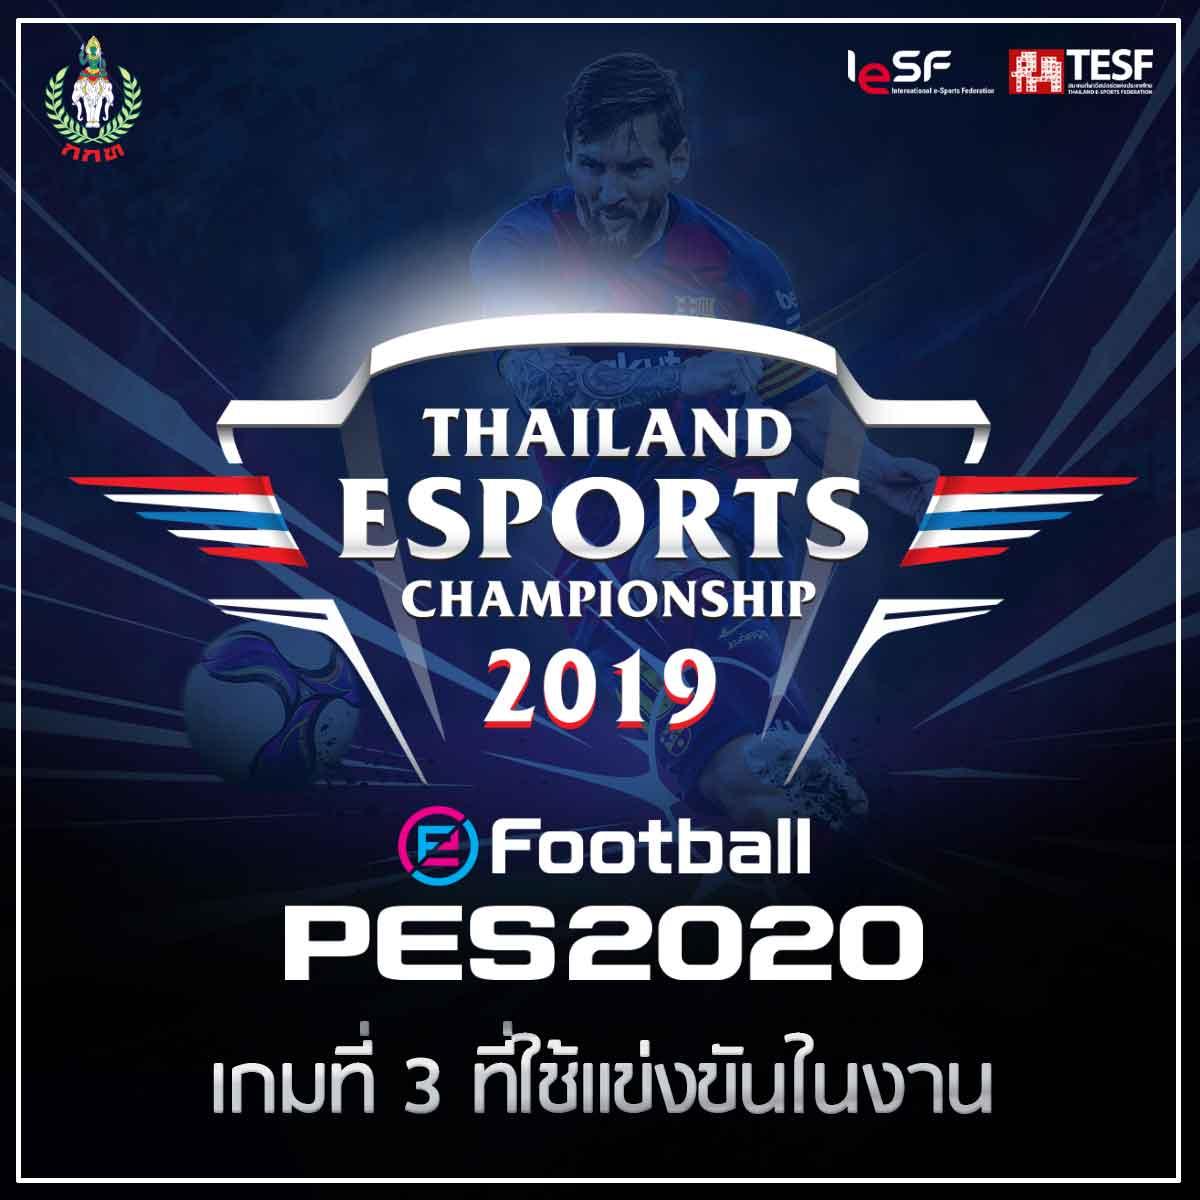 Thailnd Esports 1492019 3